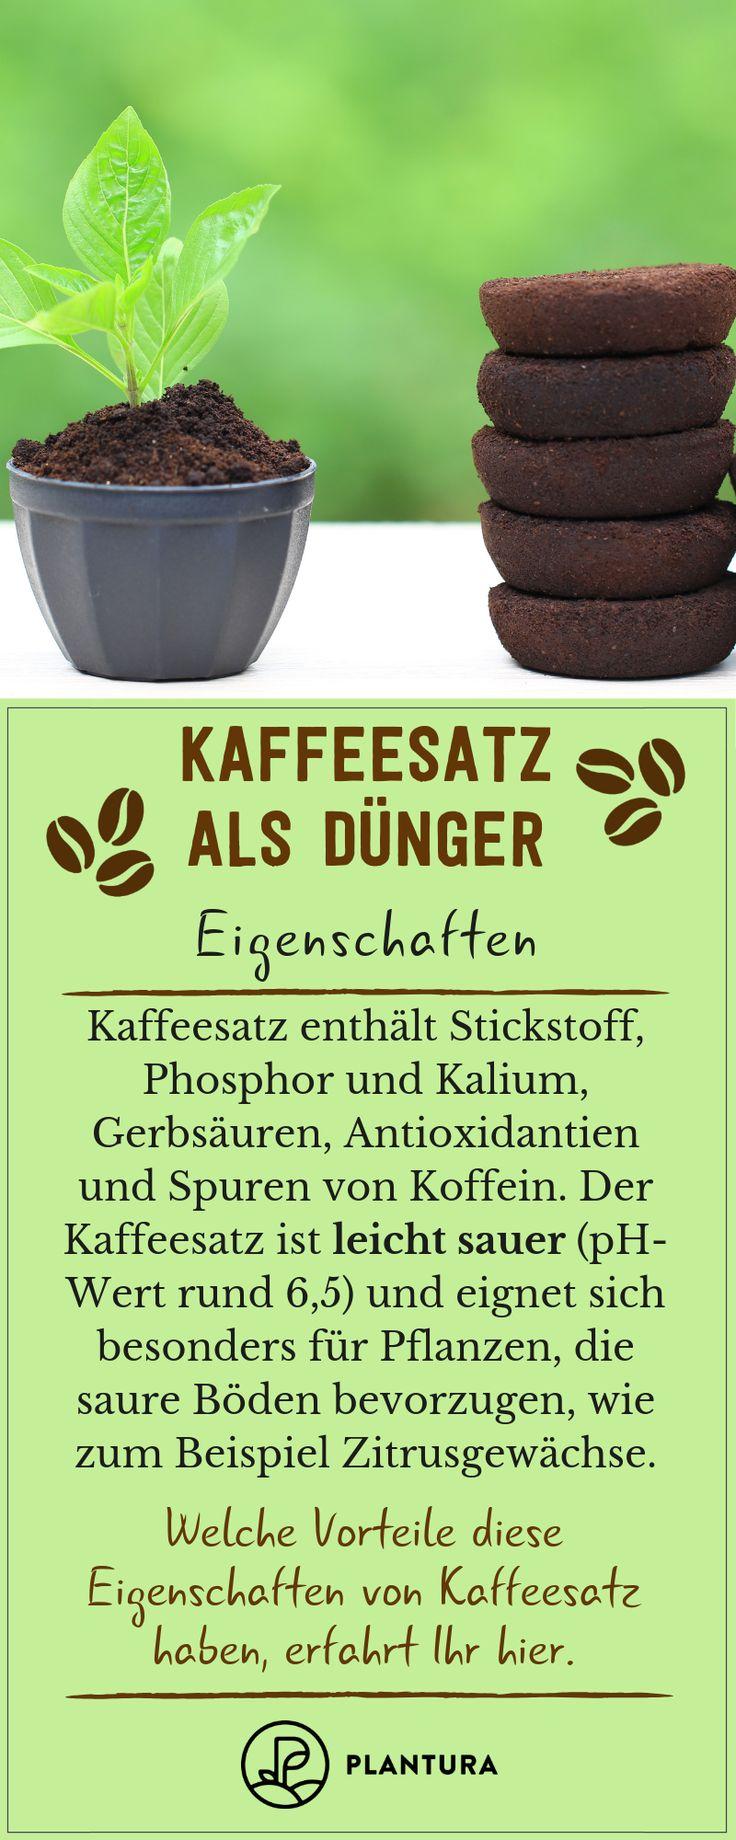 Kaffeesatz als Dünger: Verwendung & Vorteile des Hausmittels